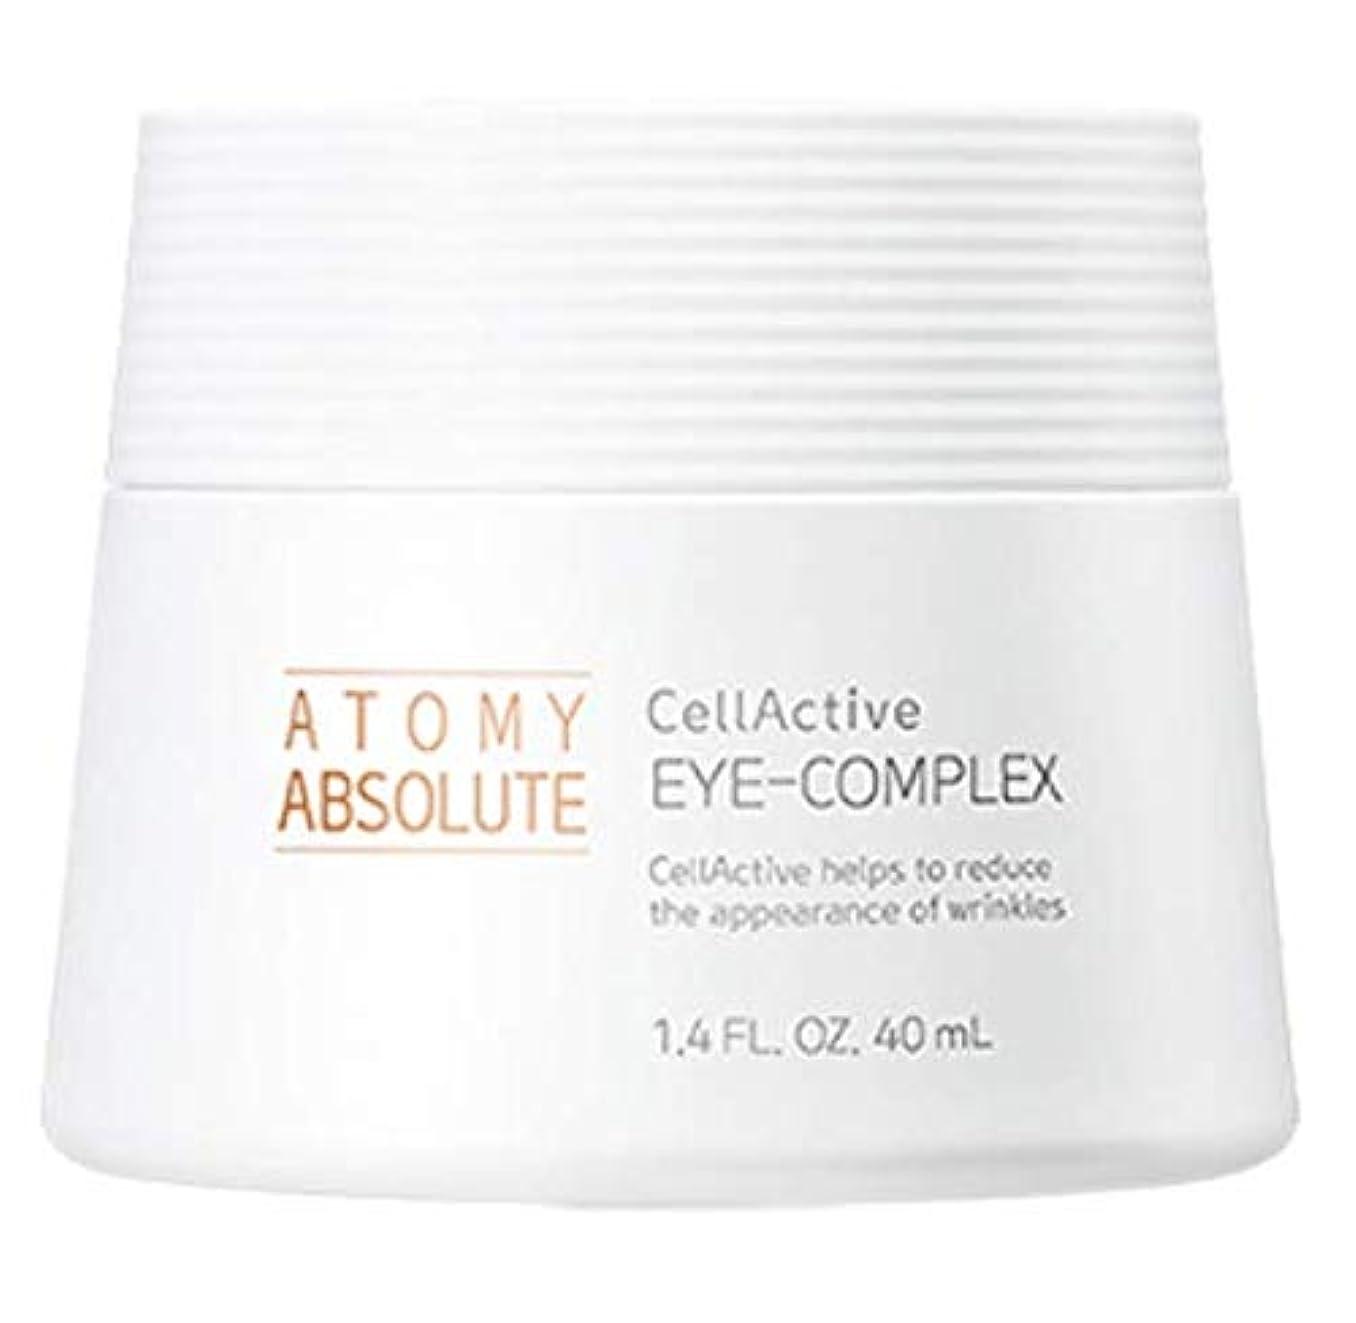 同僚コーチ圧力アトミエイソルート セレクティブ アイクリームAtomy Celective Absolute Eye-Complex 40ml [並行輸入品]